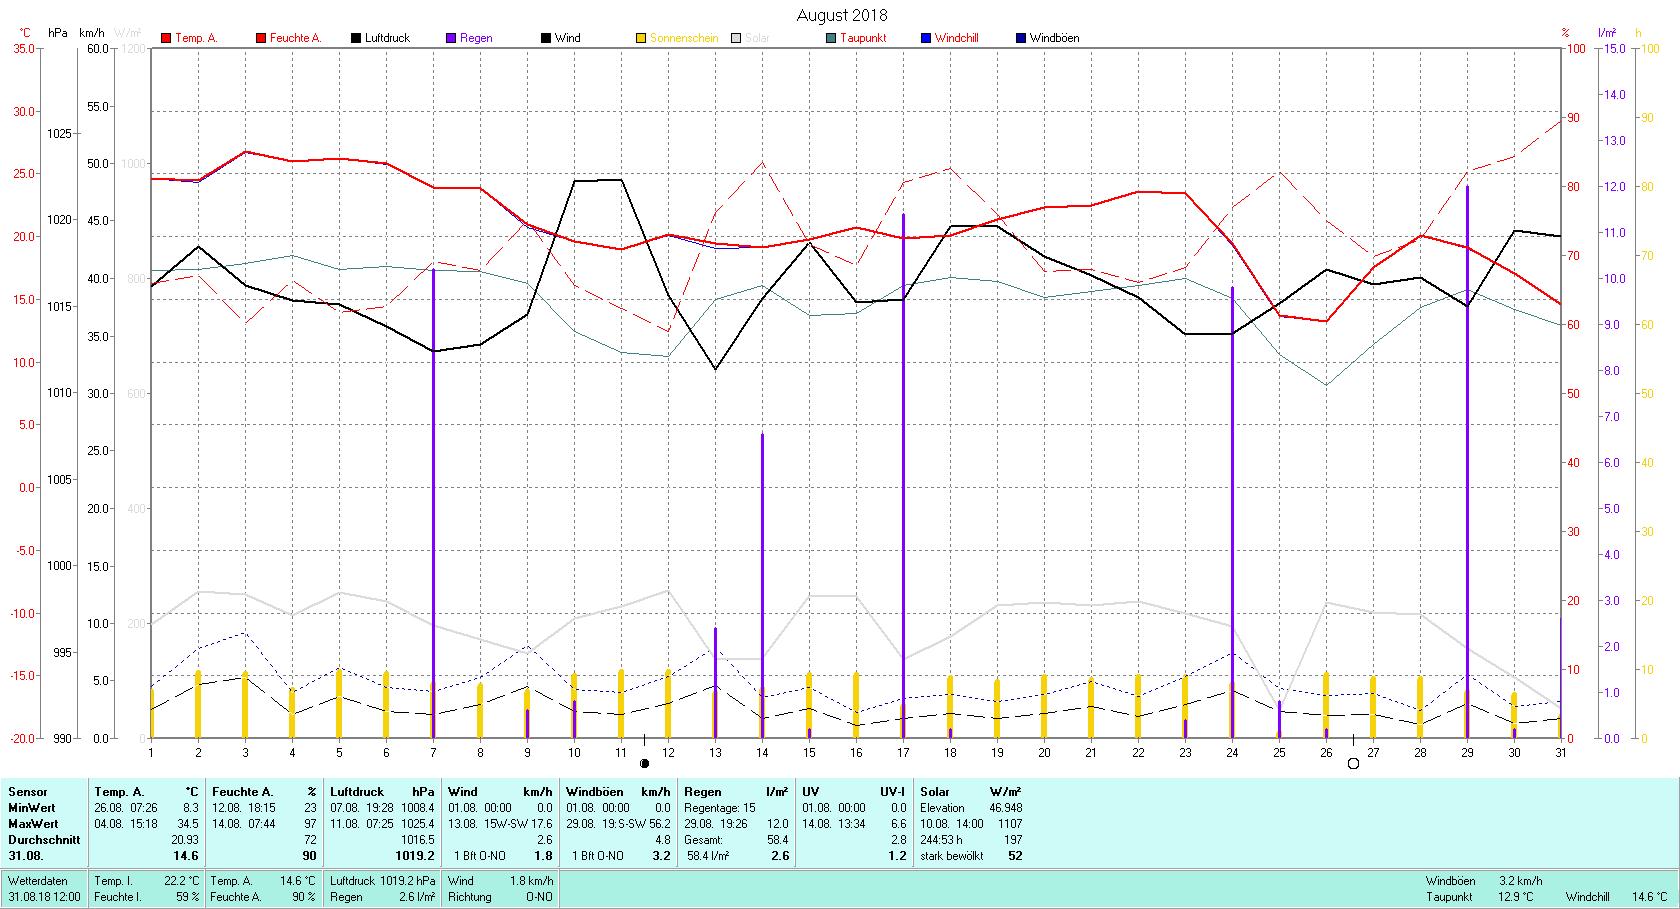 August 2018 Tmin 8.3°C, Tmax 34.5°C, Sonne 244:53 h, Niederschlag 58.4mm/2